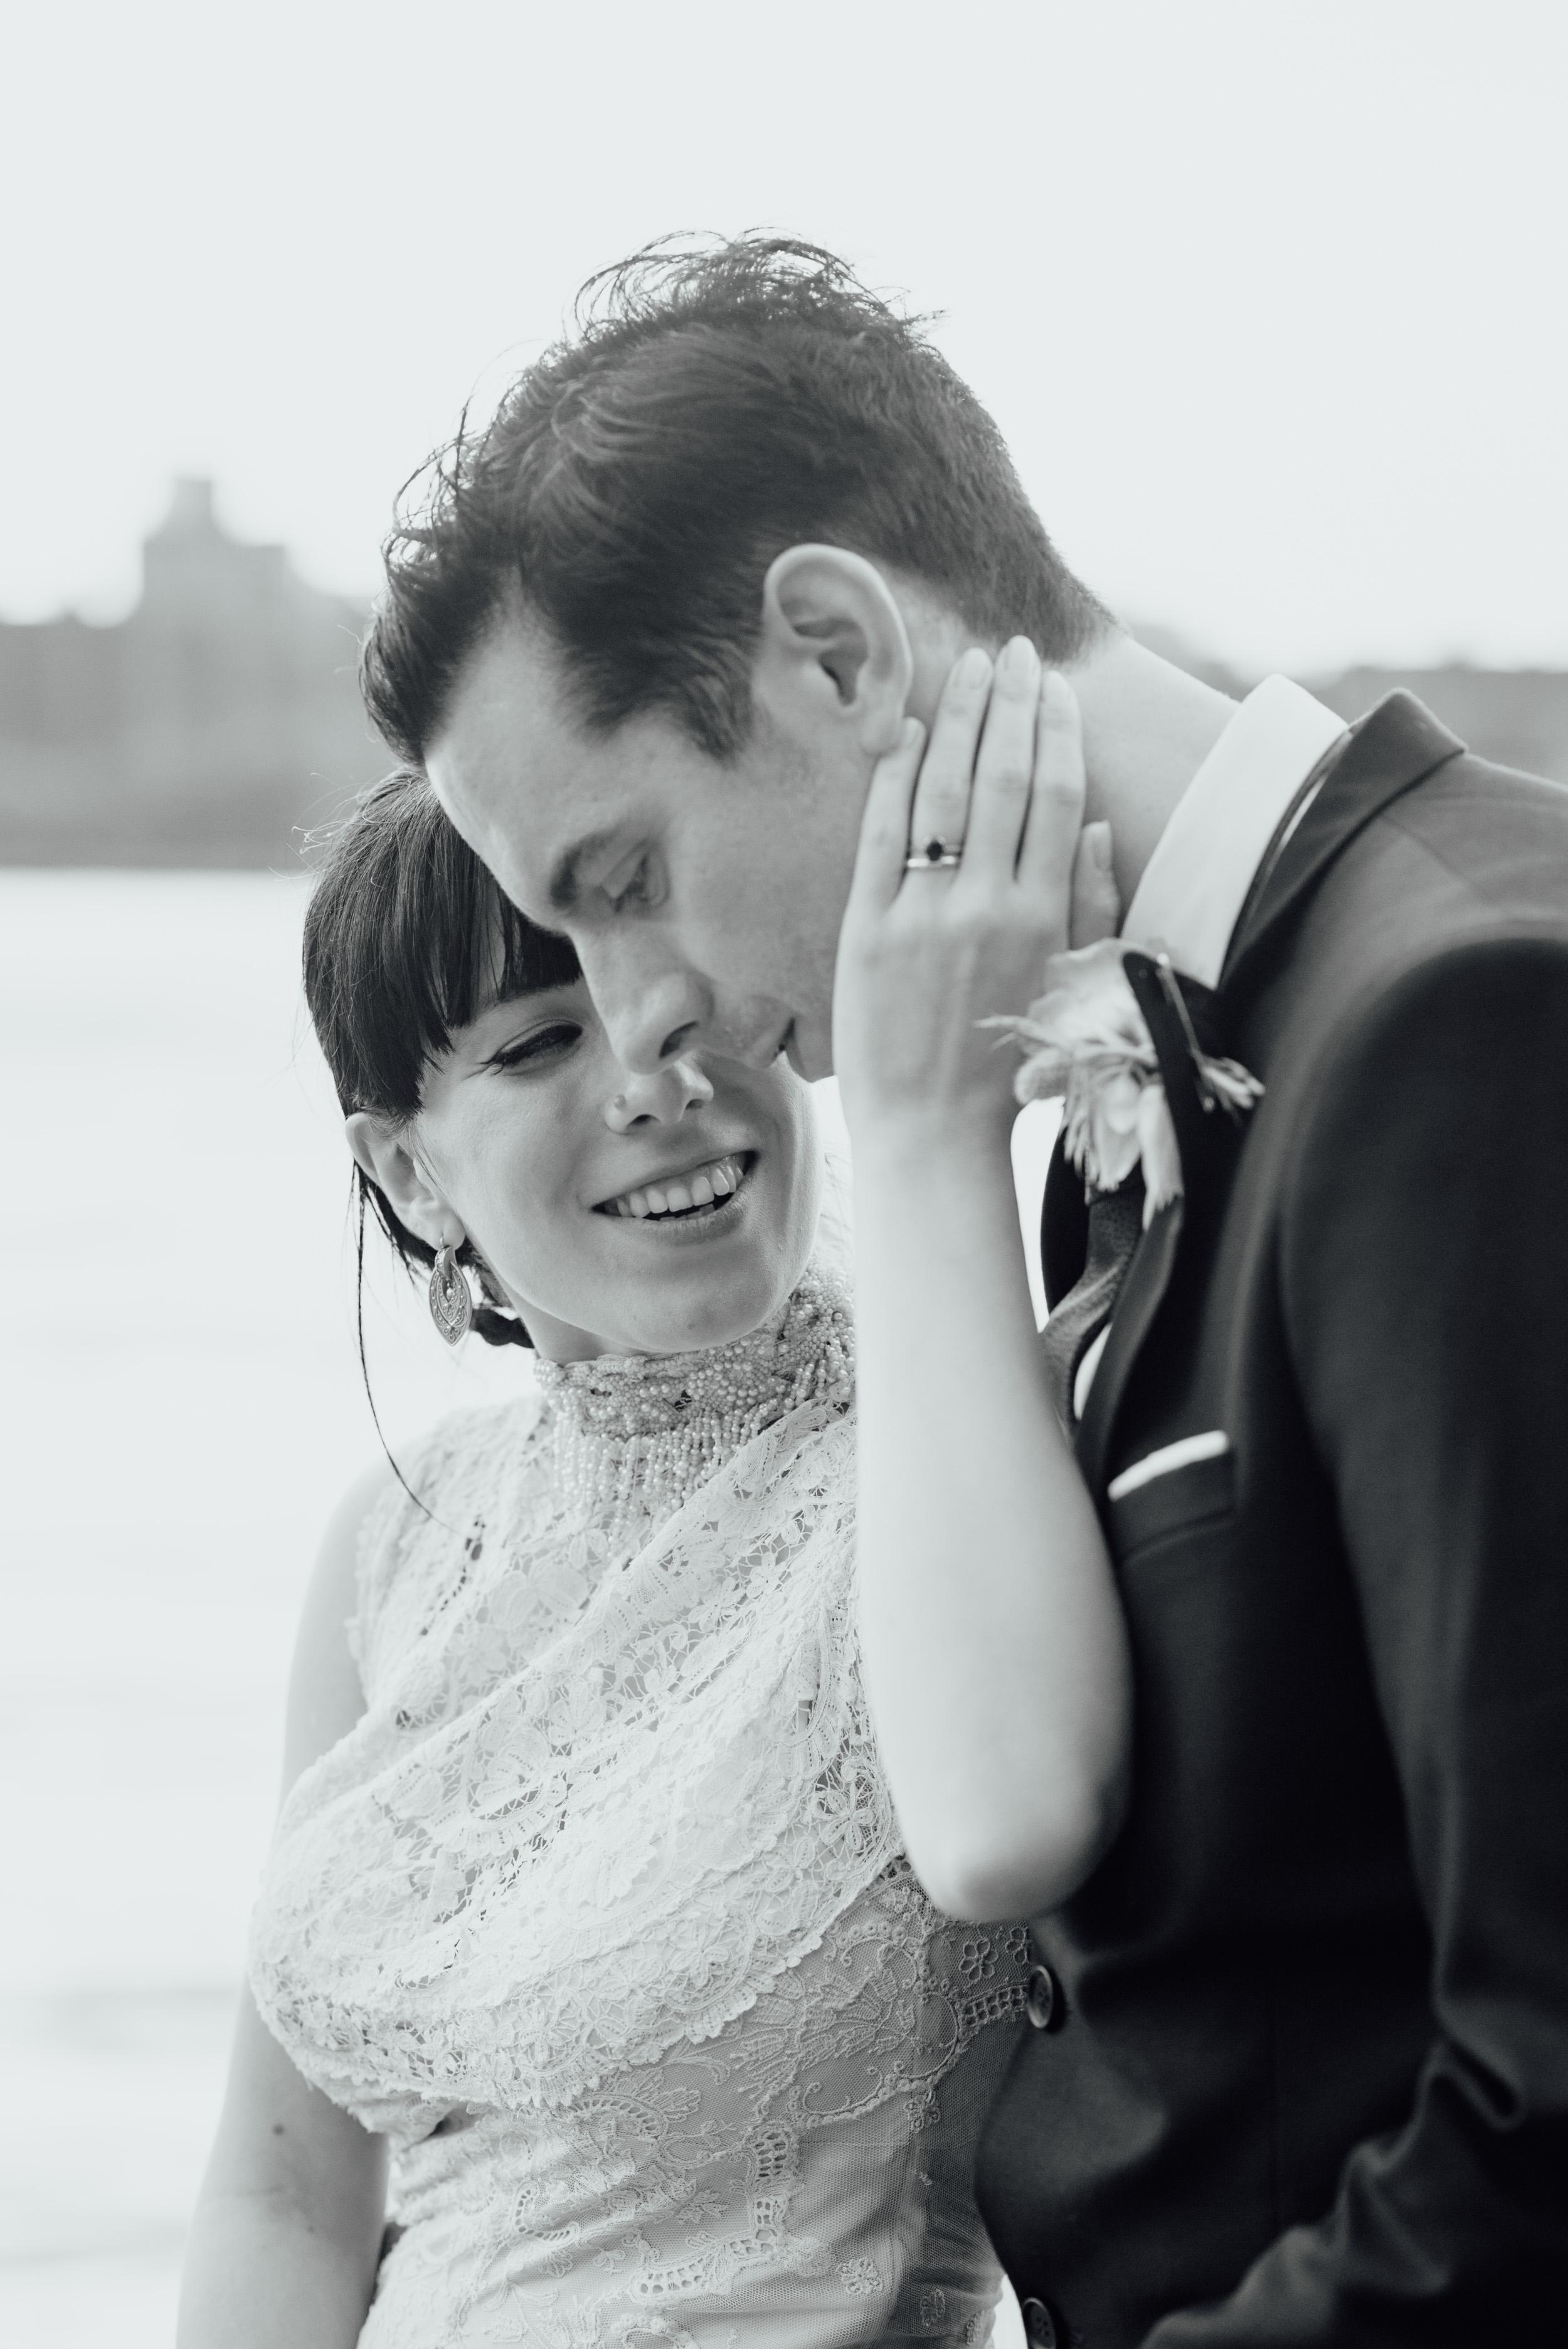 cleland-studios-weddings-43.jpg